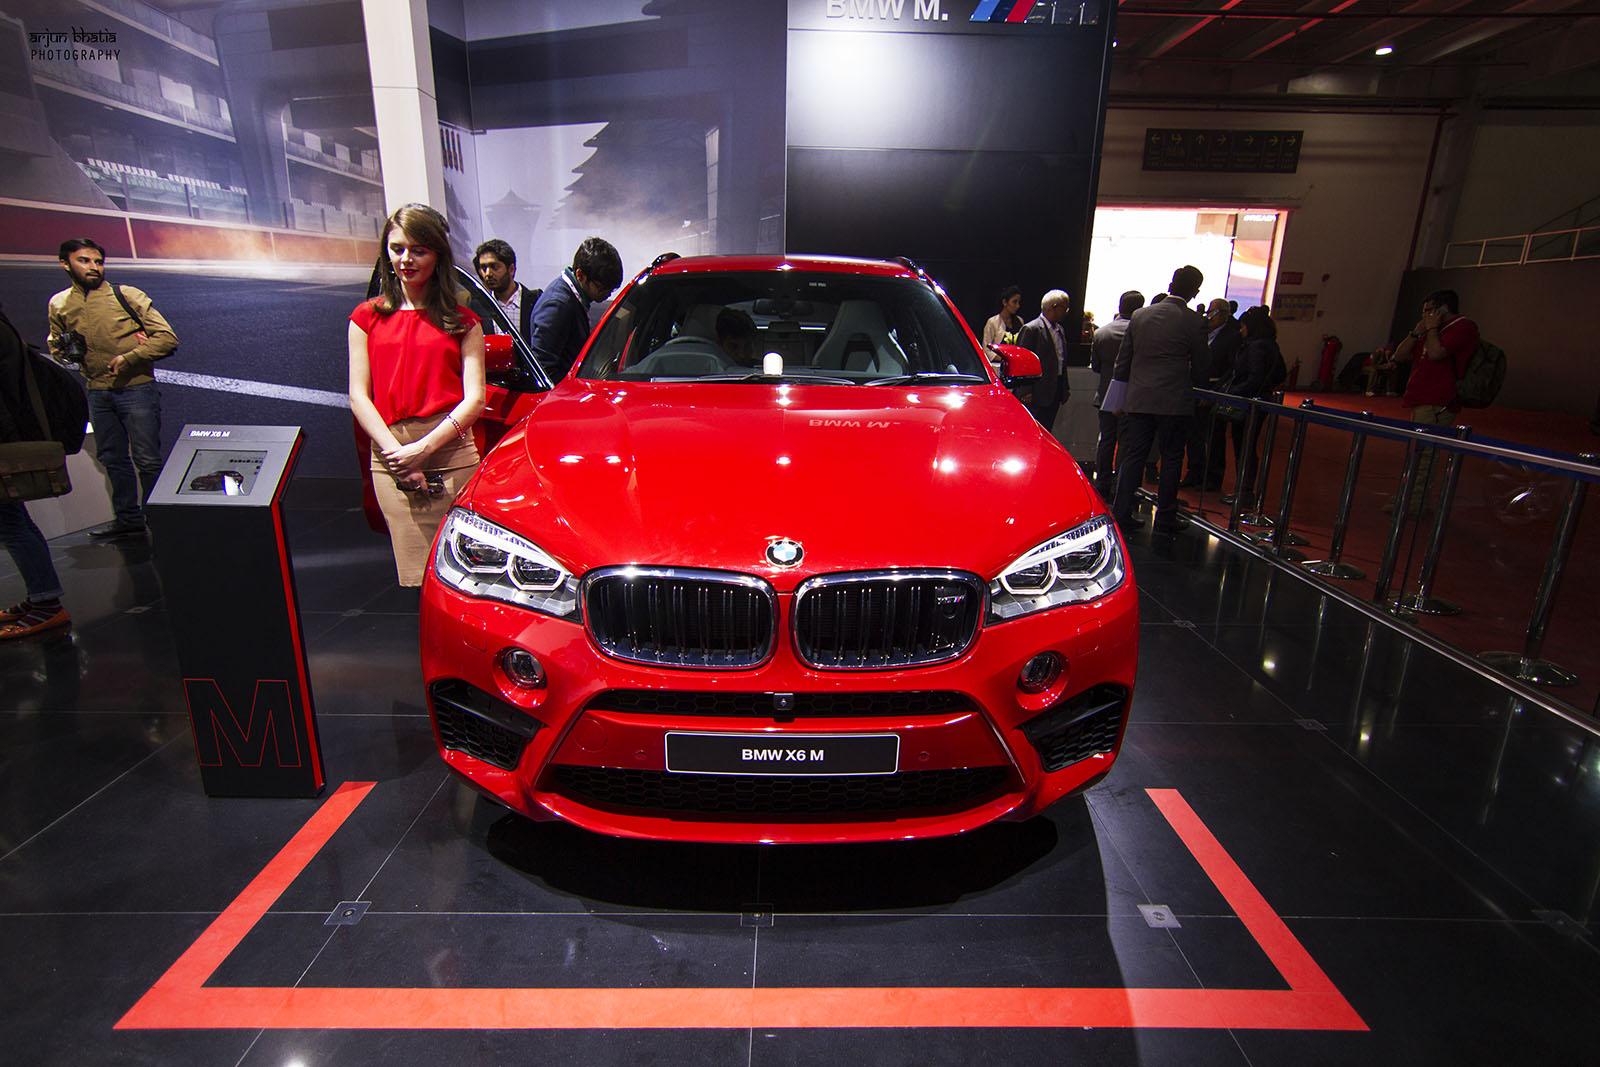 BMW X6 M Delhi Auto Expo 2016 2